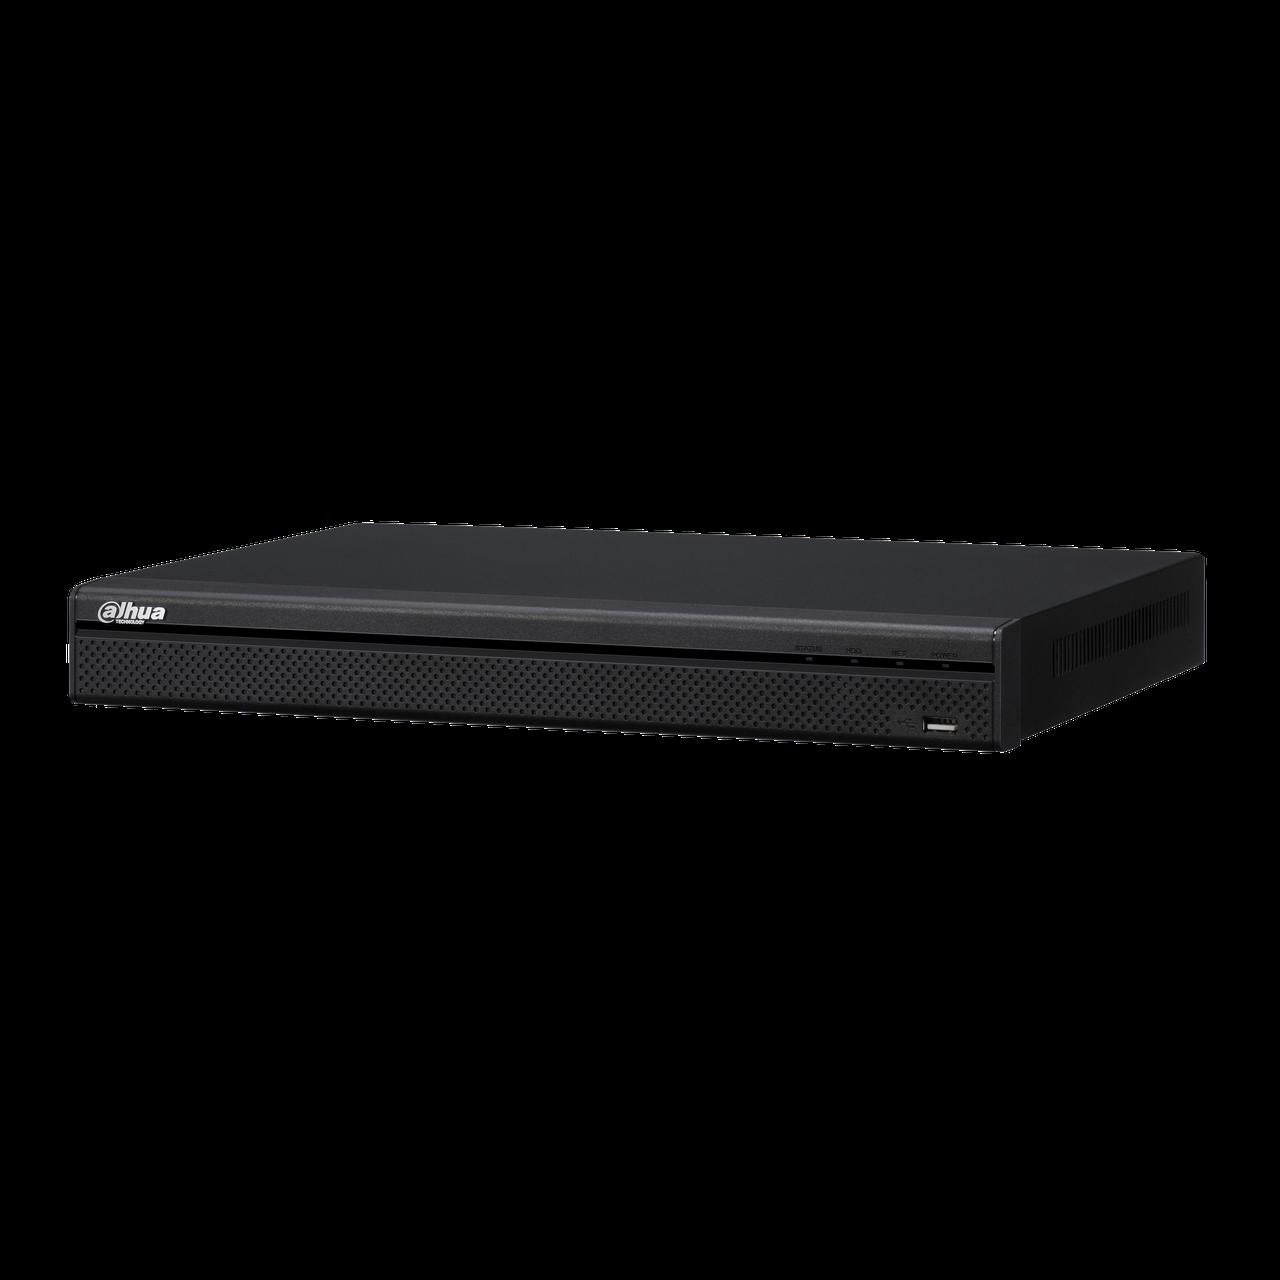 Видеорегистратор NVR4832-4KS2